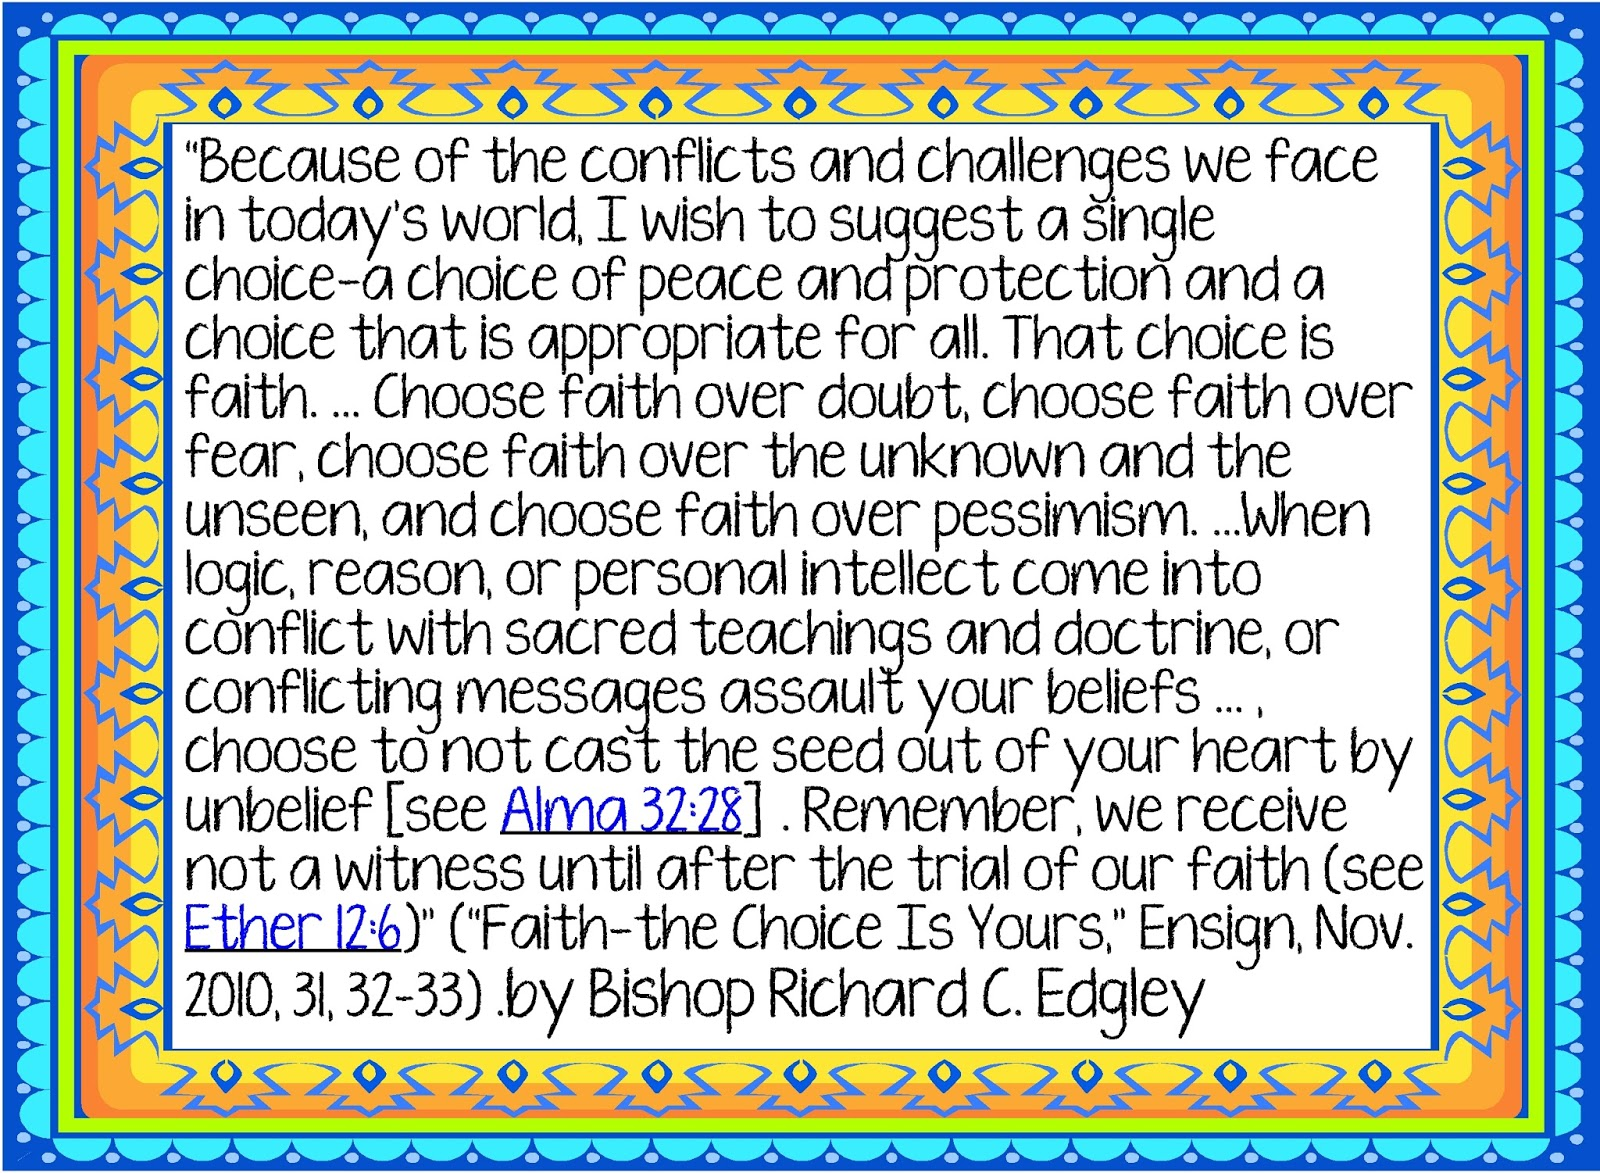 HollysHome - Church Fun: Choose Faith Printout - Quote by